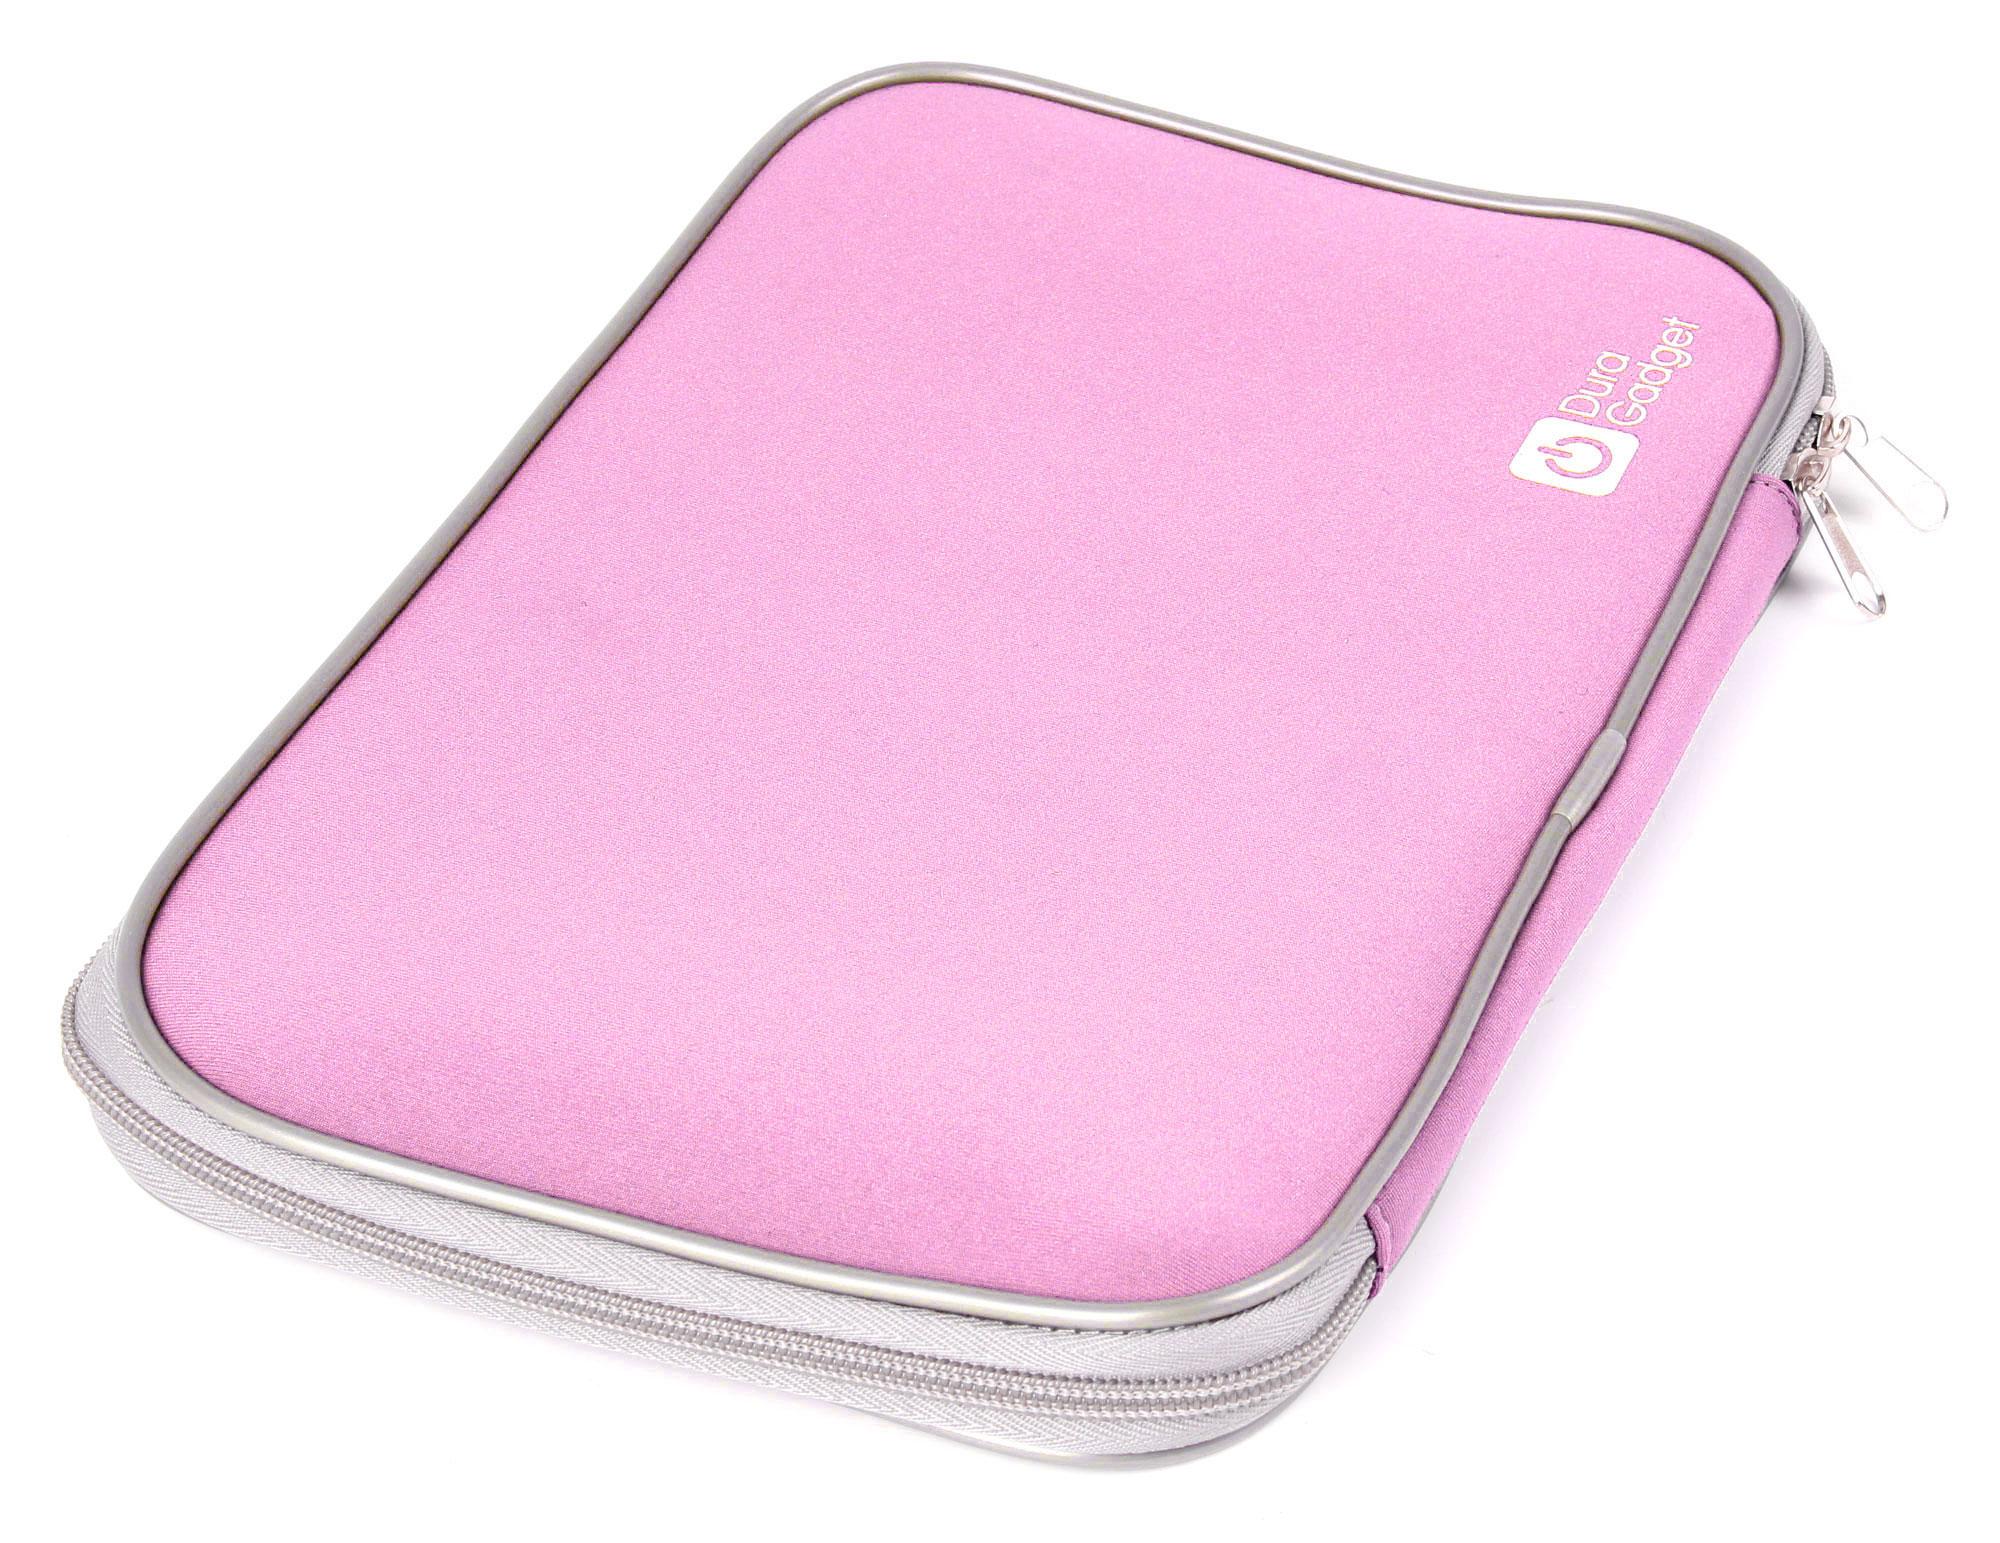 Housse tui rose compatible avec ordinateur portable hp for Housse ordinateur 14 pouces originale